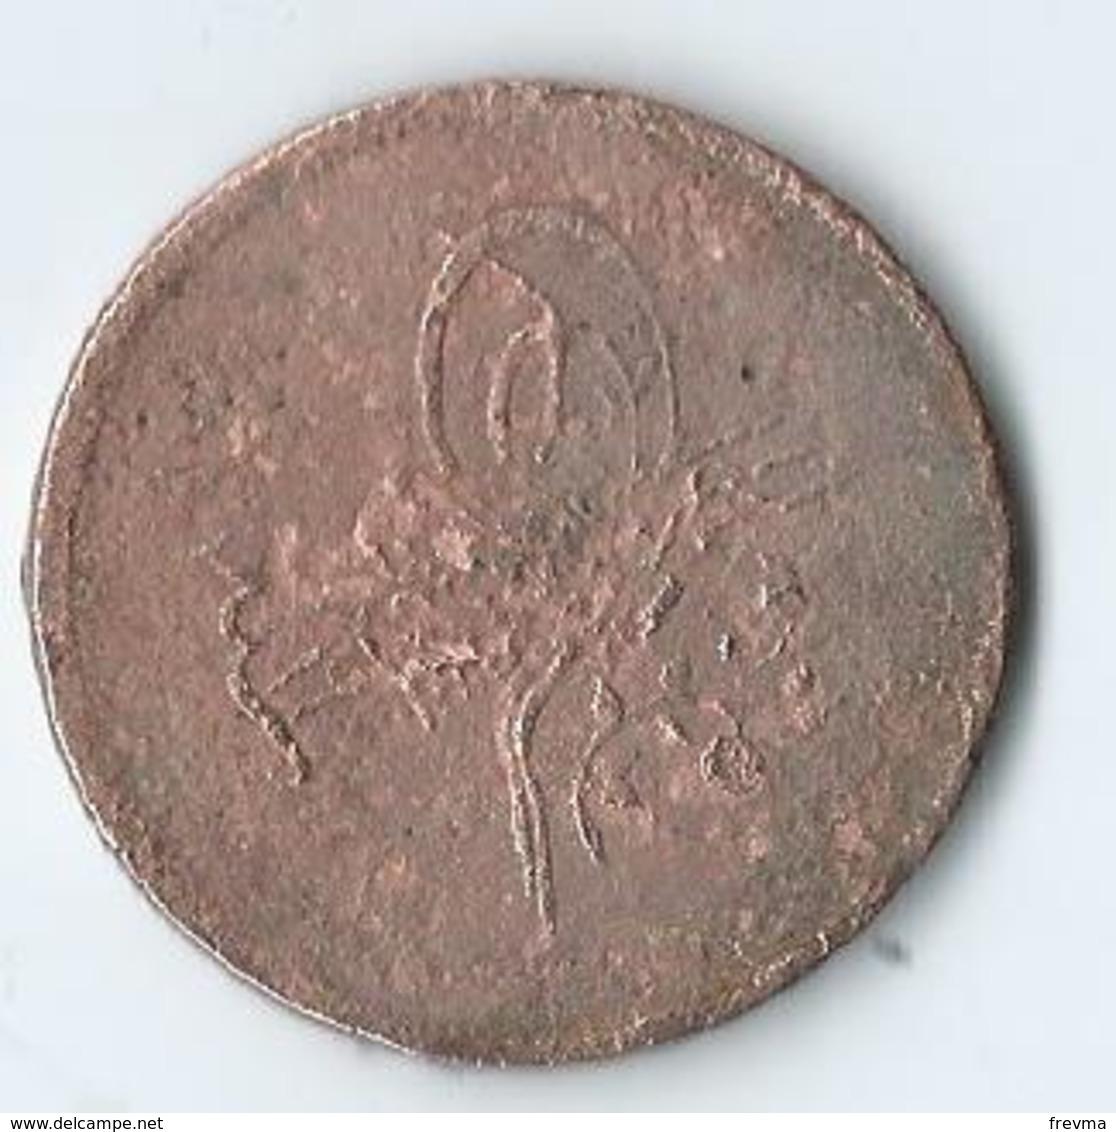 Monnaie Afrique A Identifier - Monnaies